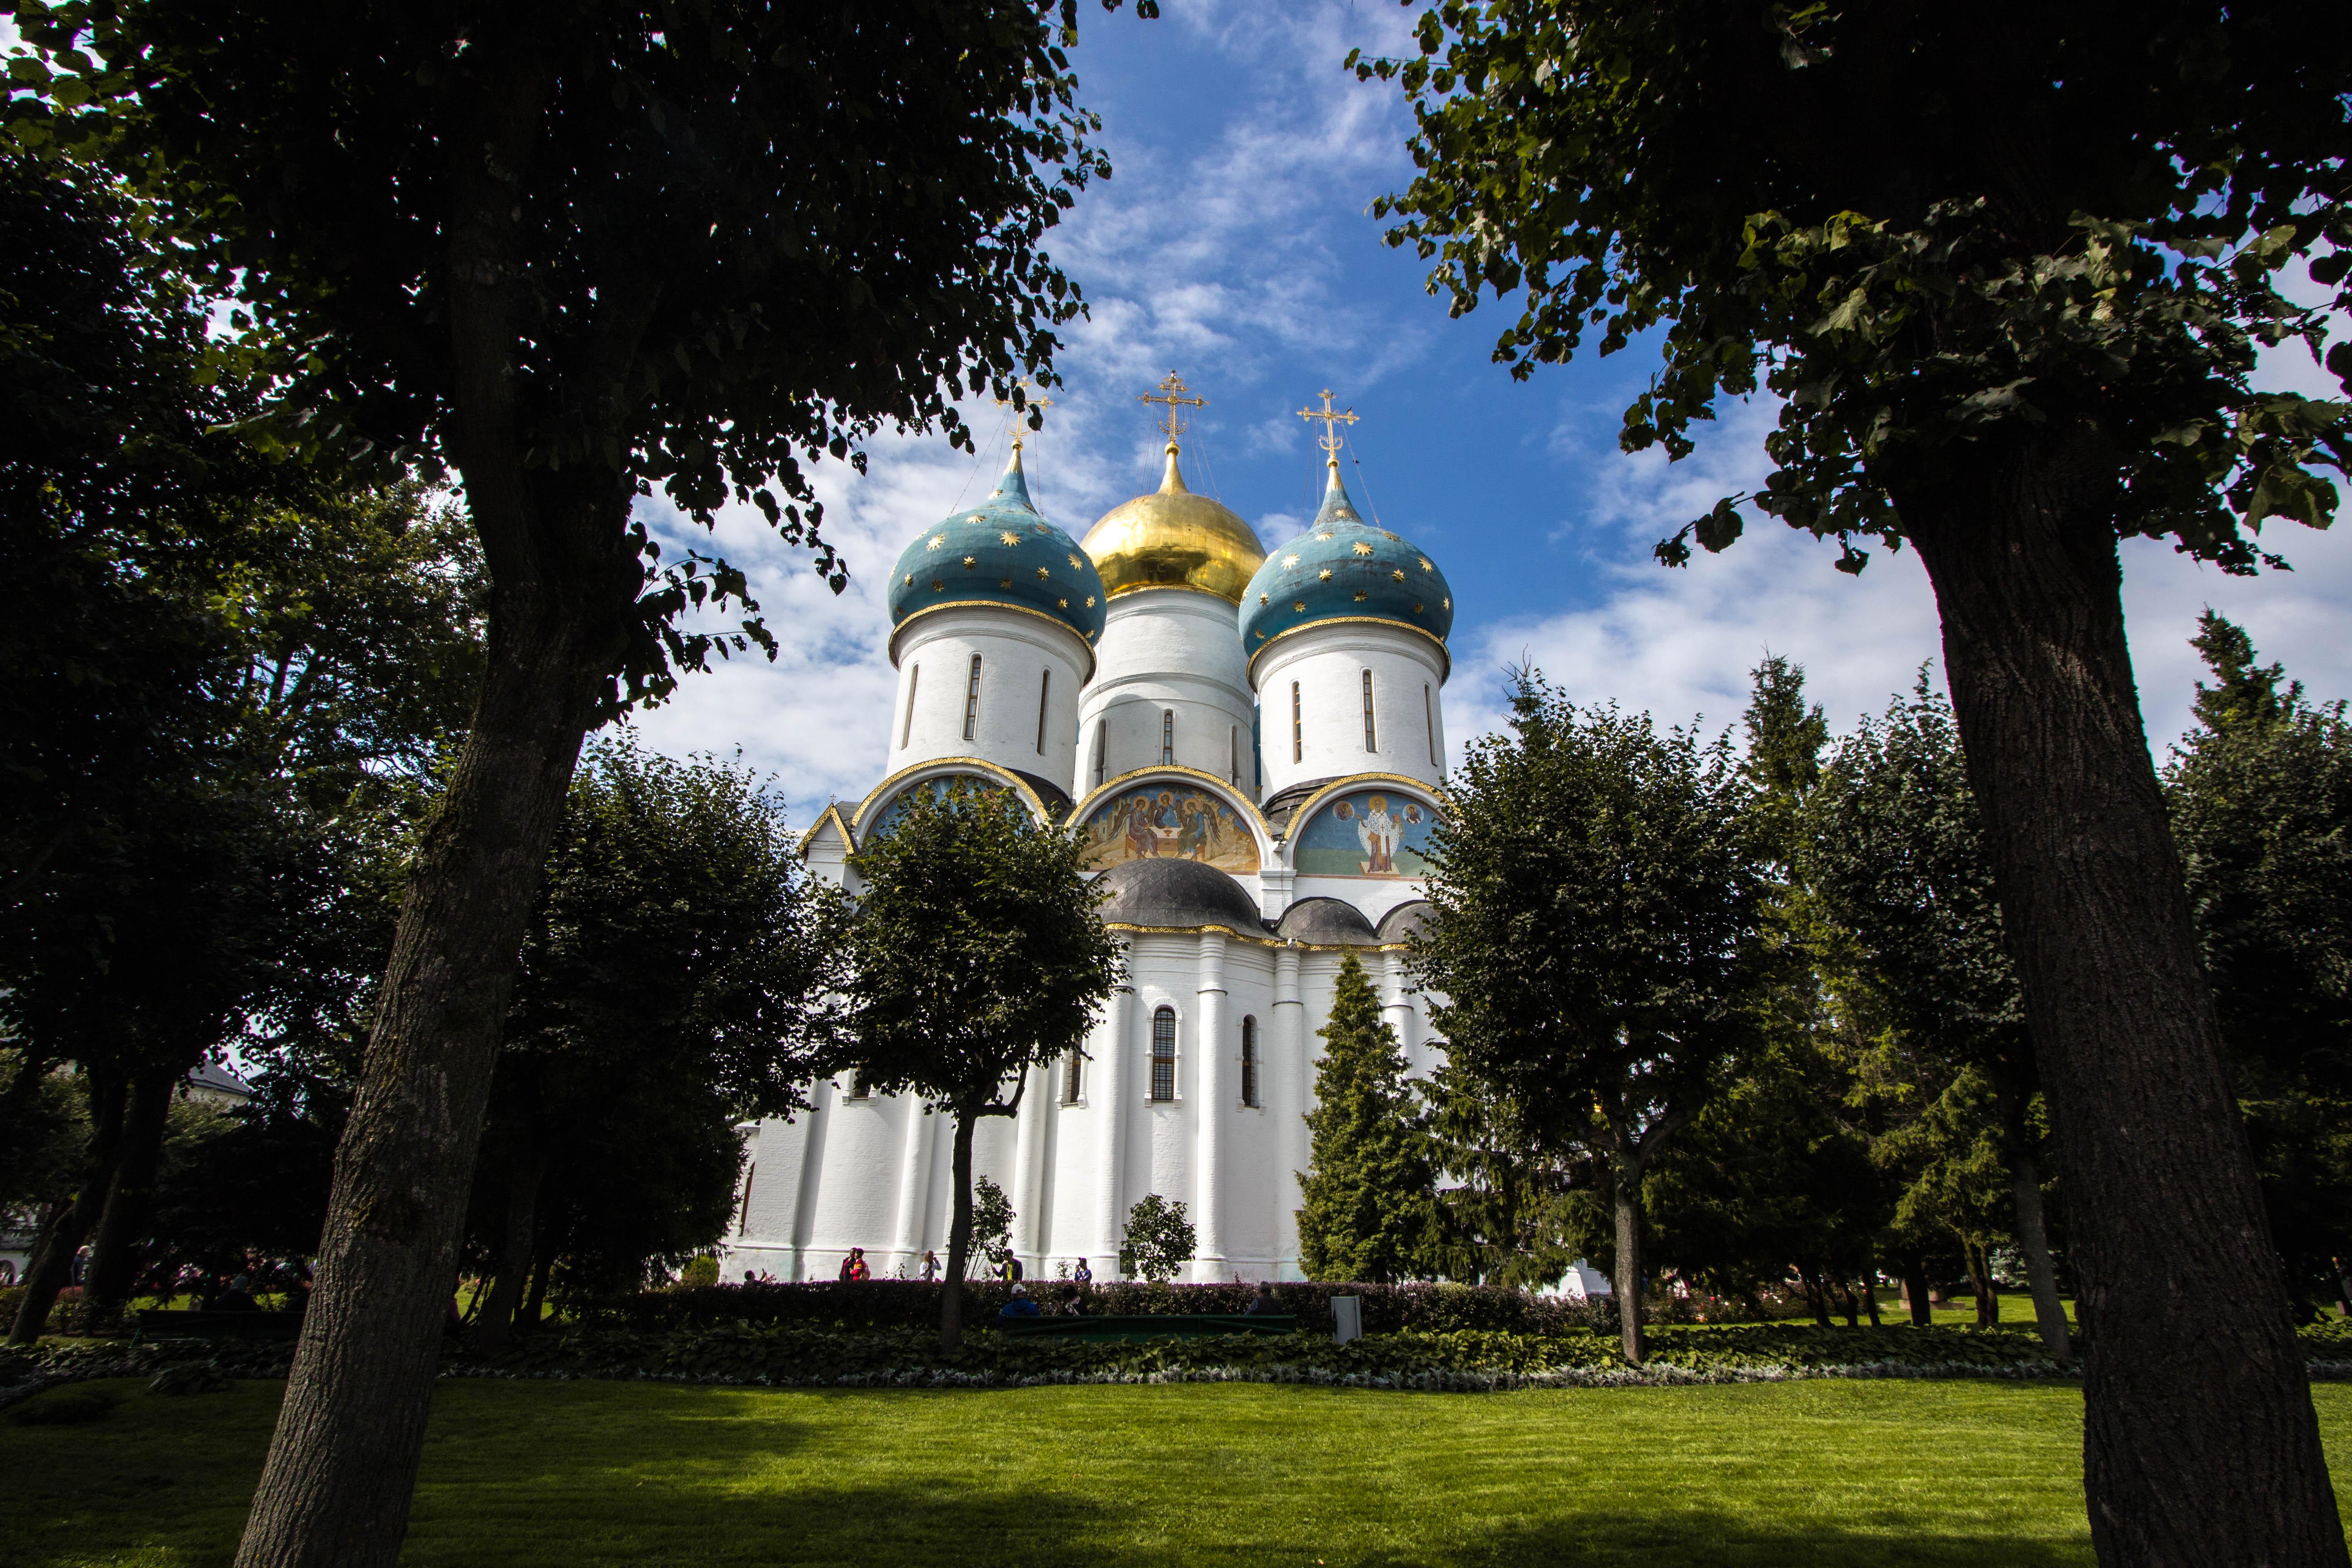 ロシア 3 : 半日セルギエフ・ポサードとモスクワ川クルーズ(モスクワ)